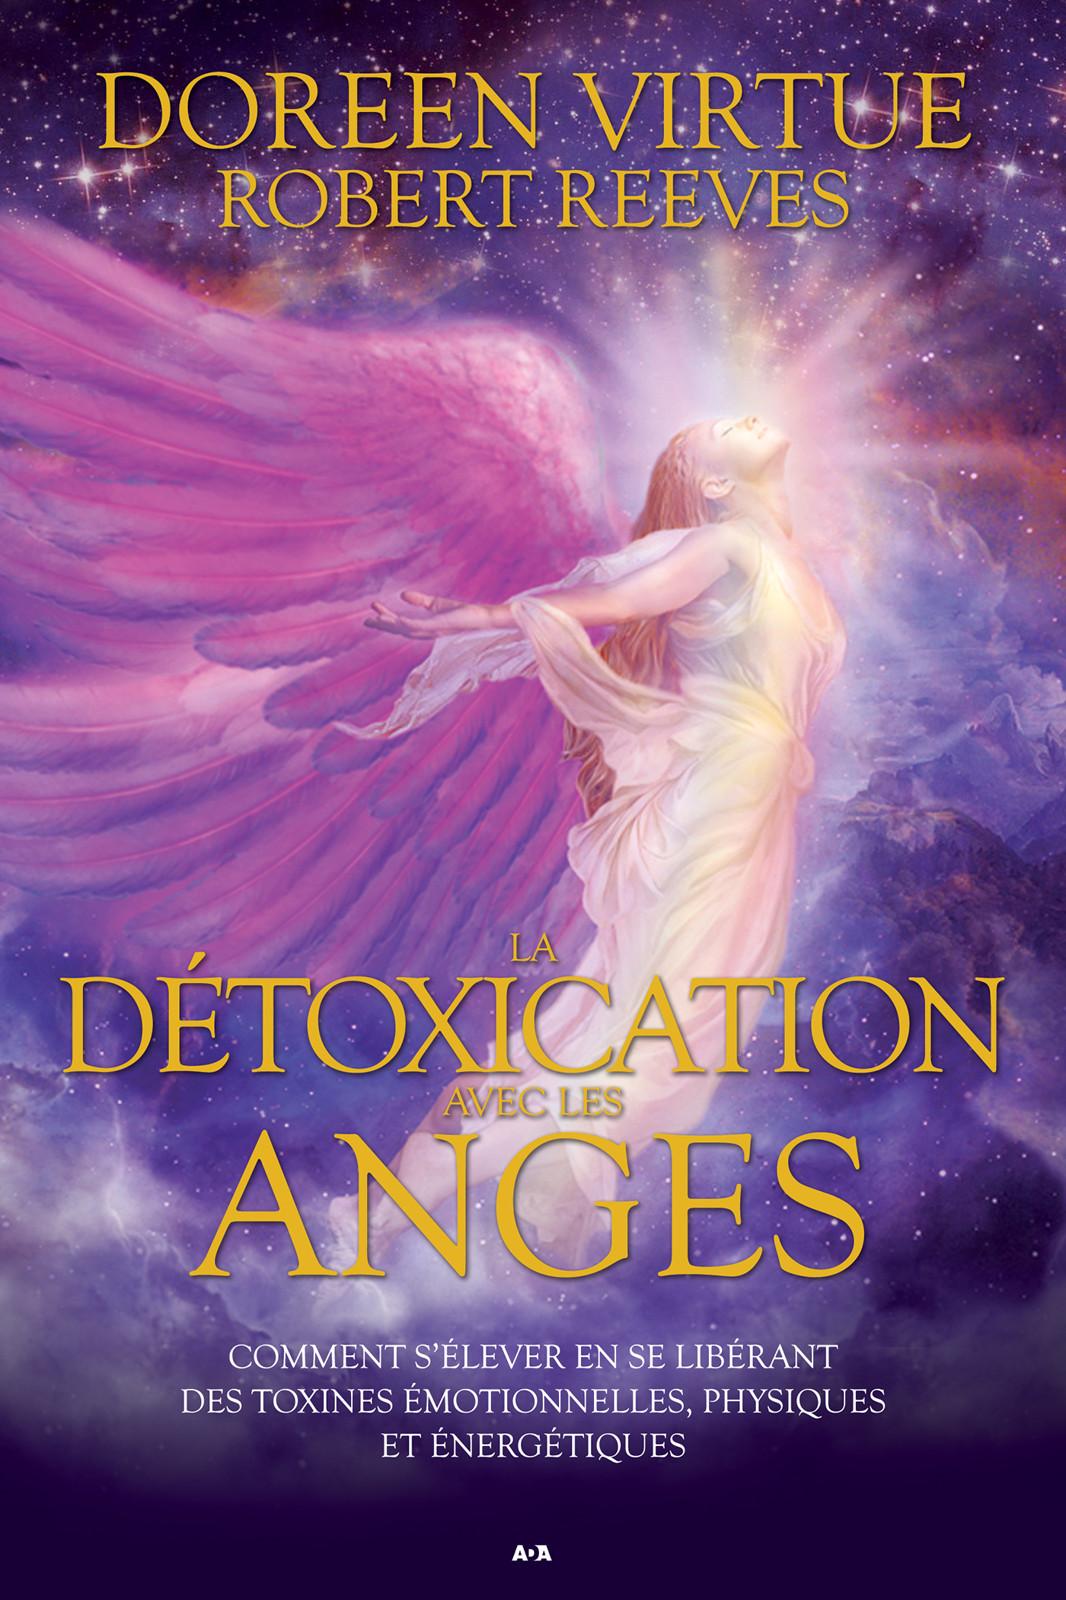 La détoxication avec les anges